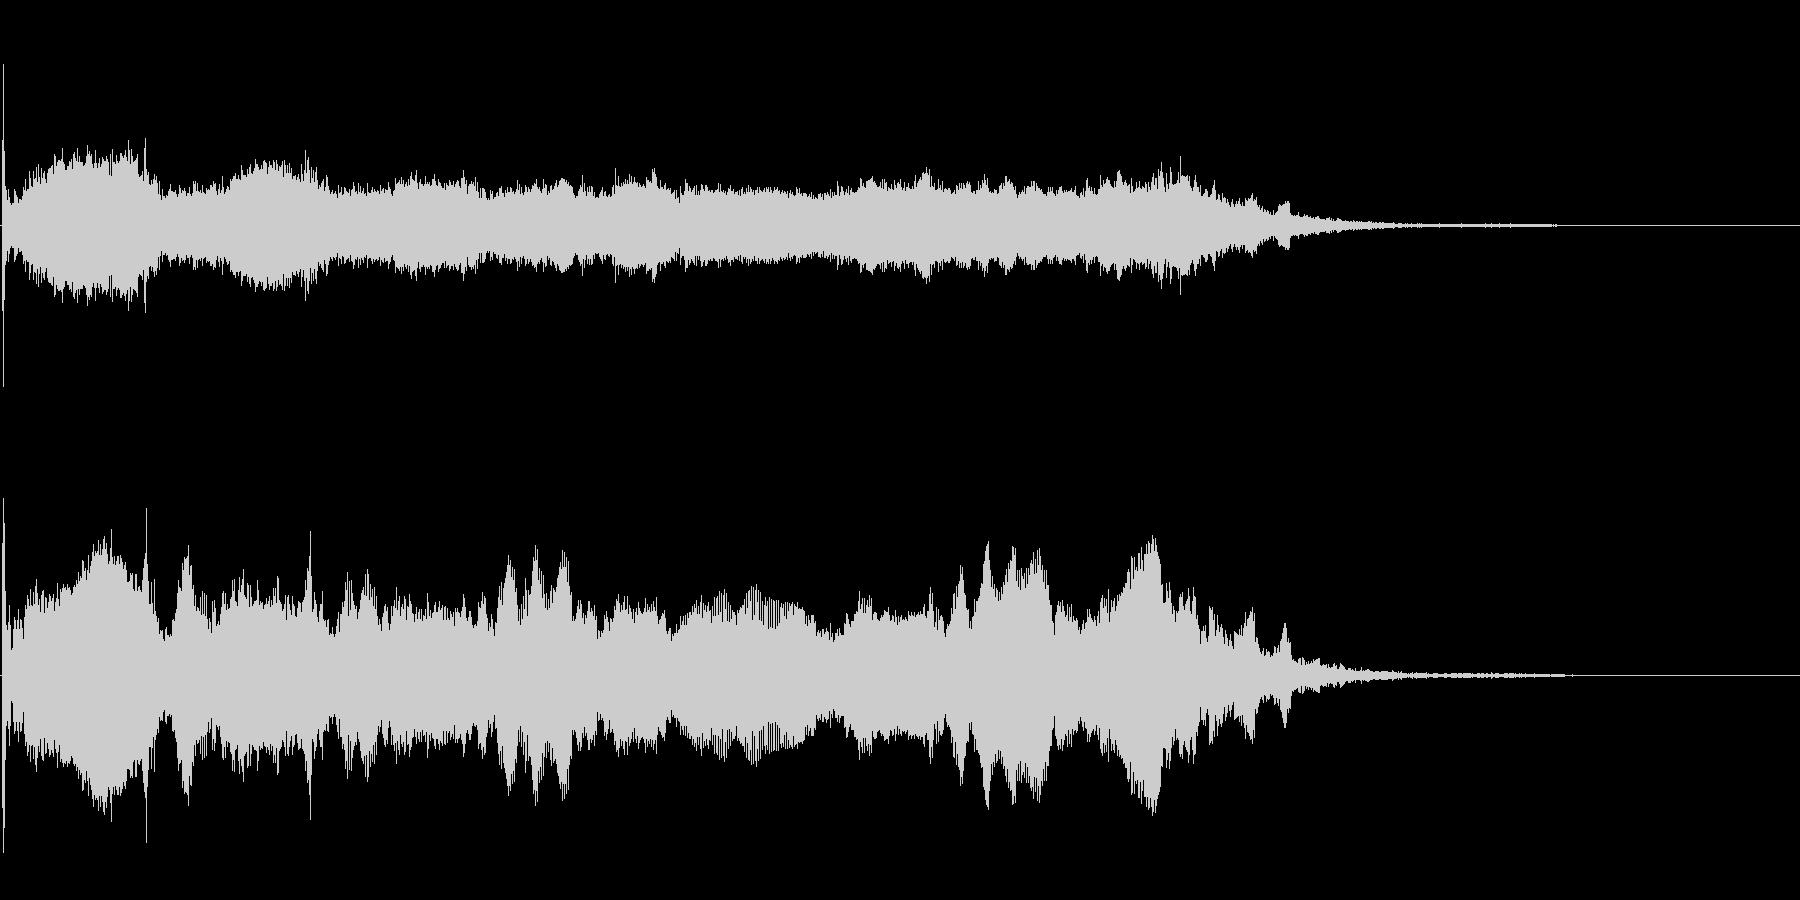 サーボ;フォークリフト、クリックオ...の未再生の波形